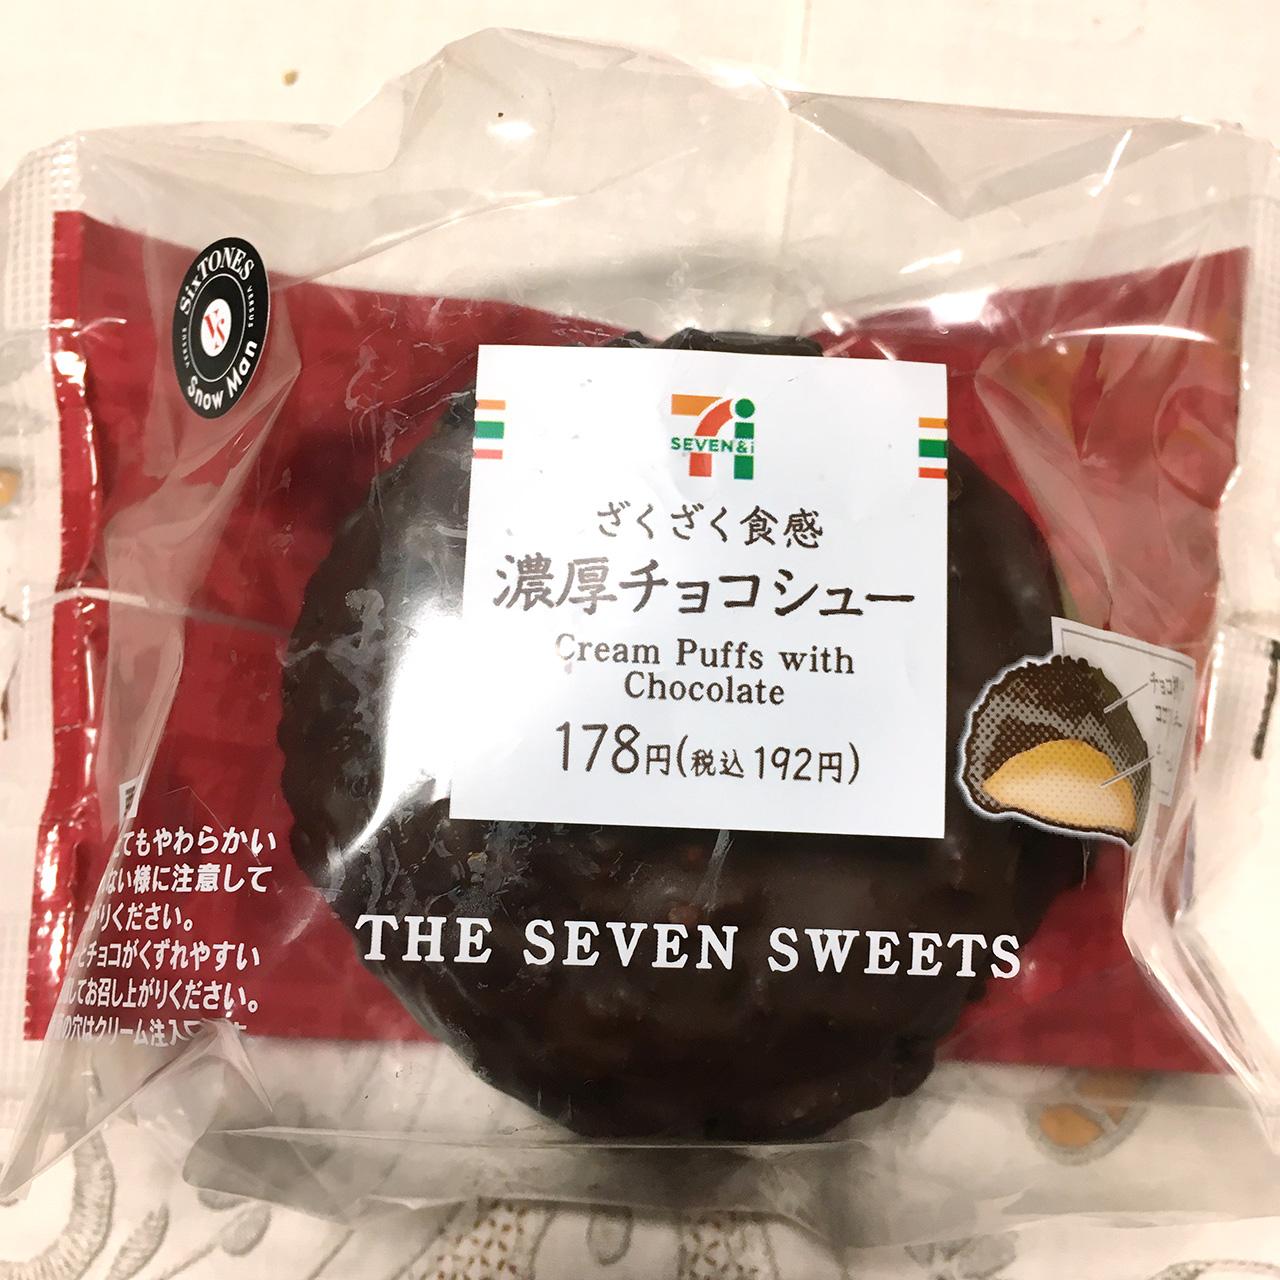 ガトーショコラのようなシュークリーム!セブンイレブンの「ざくざく食感・濃厚チョコシュー」